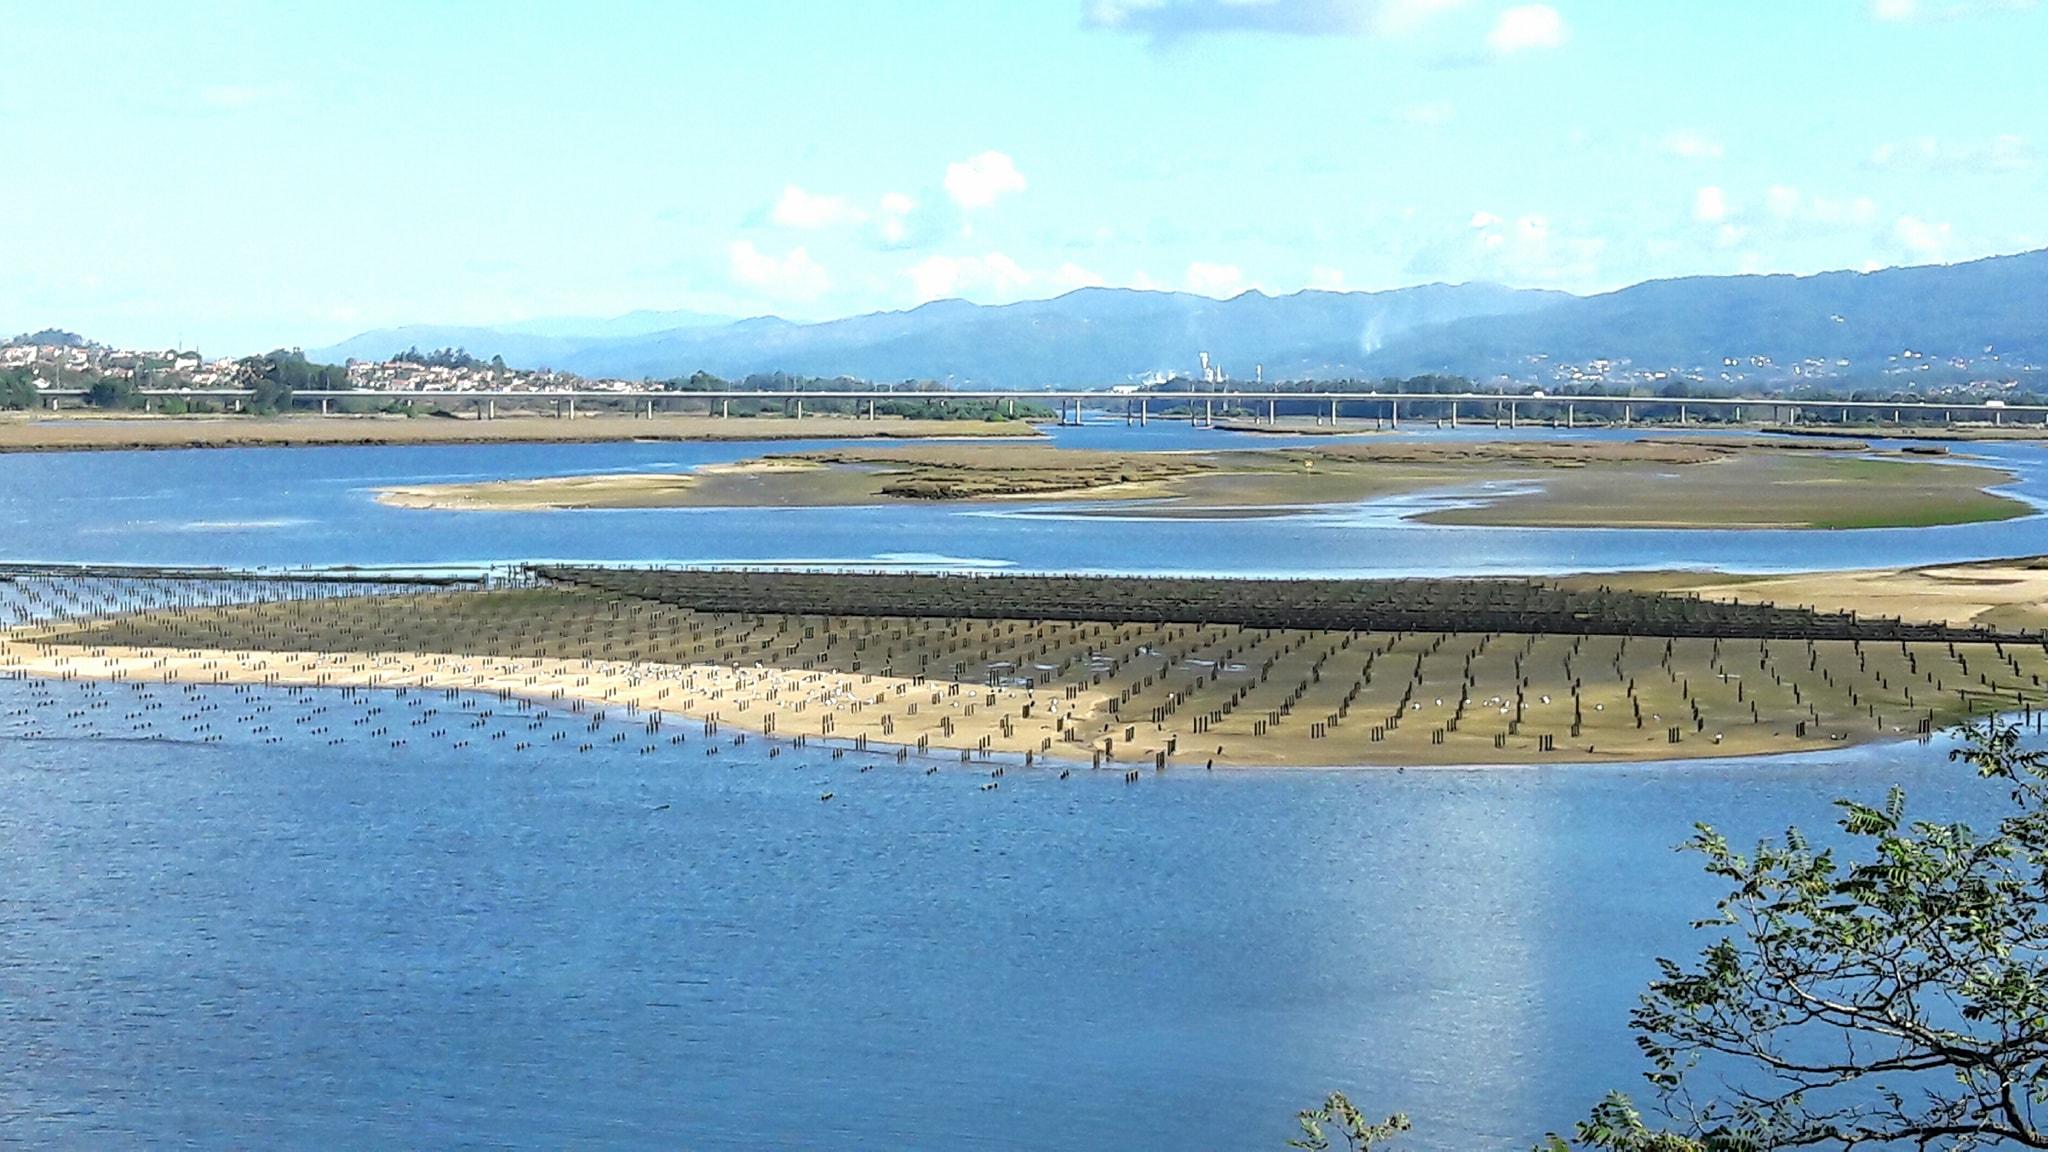 Cerca de 200 toneladas de ostras 'Made In Viana' vão sair, todos anos, do rio Lima